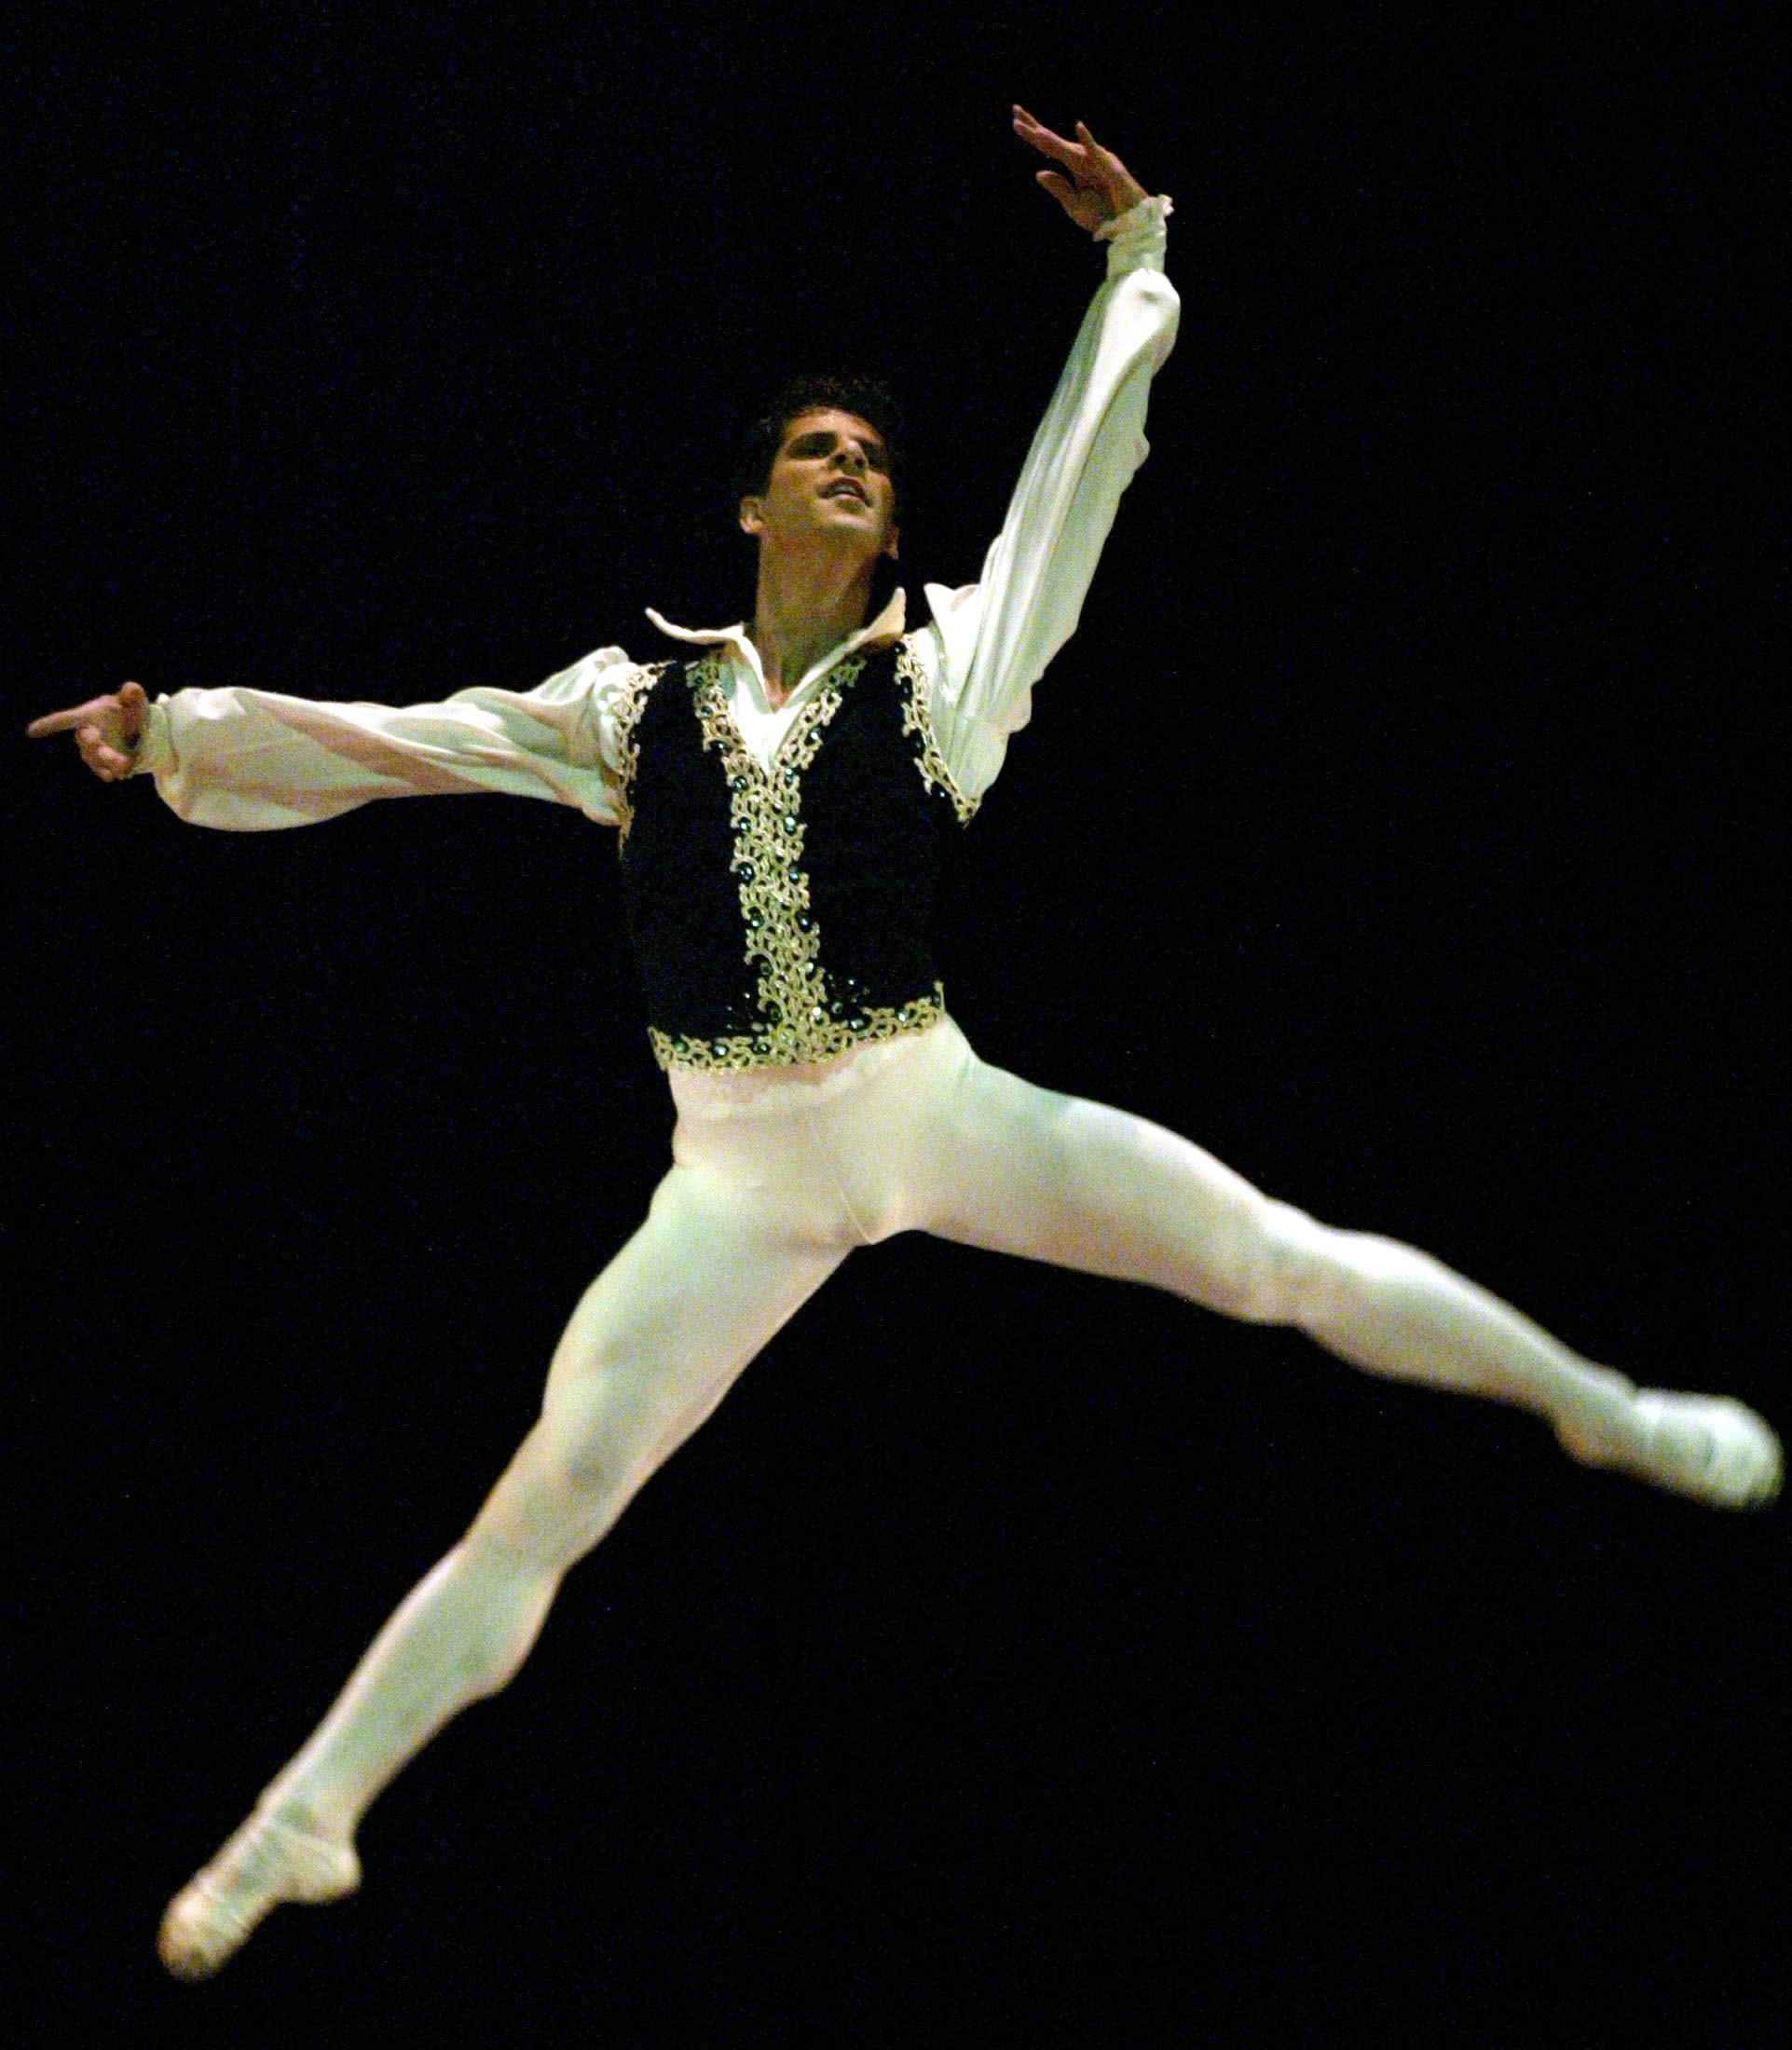 danseur etoile